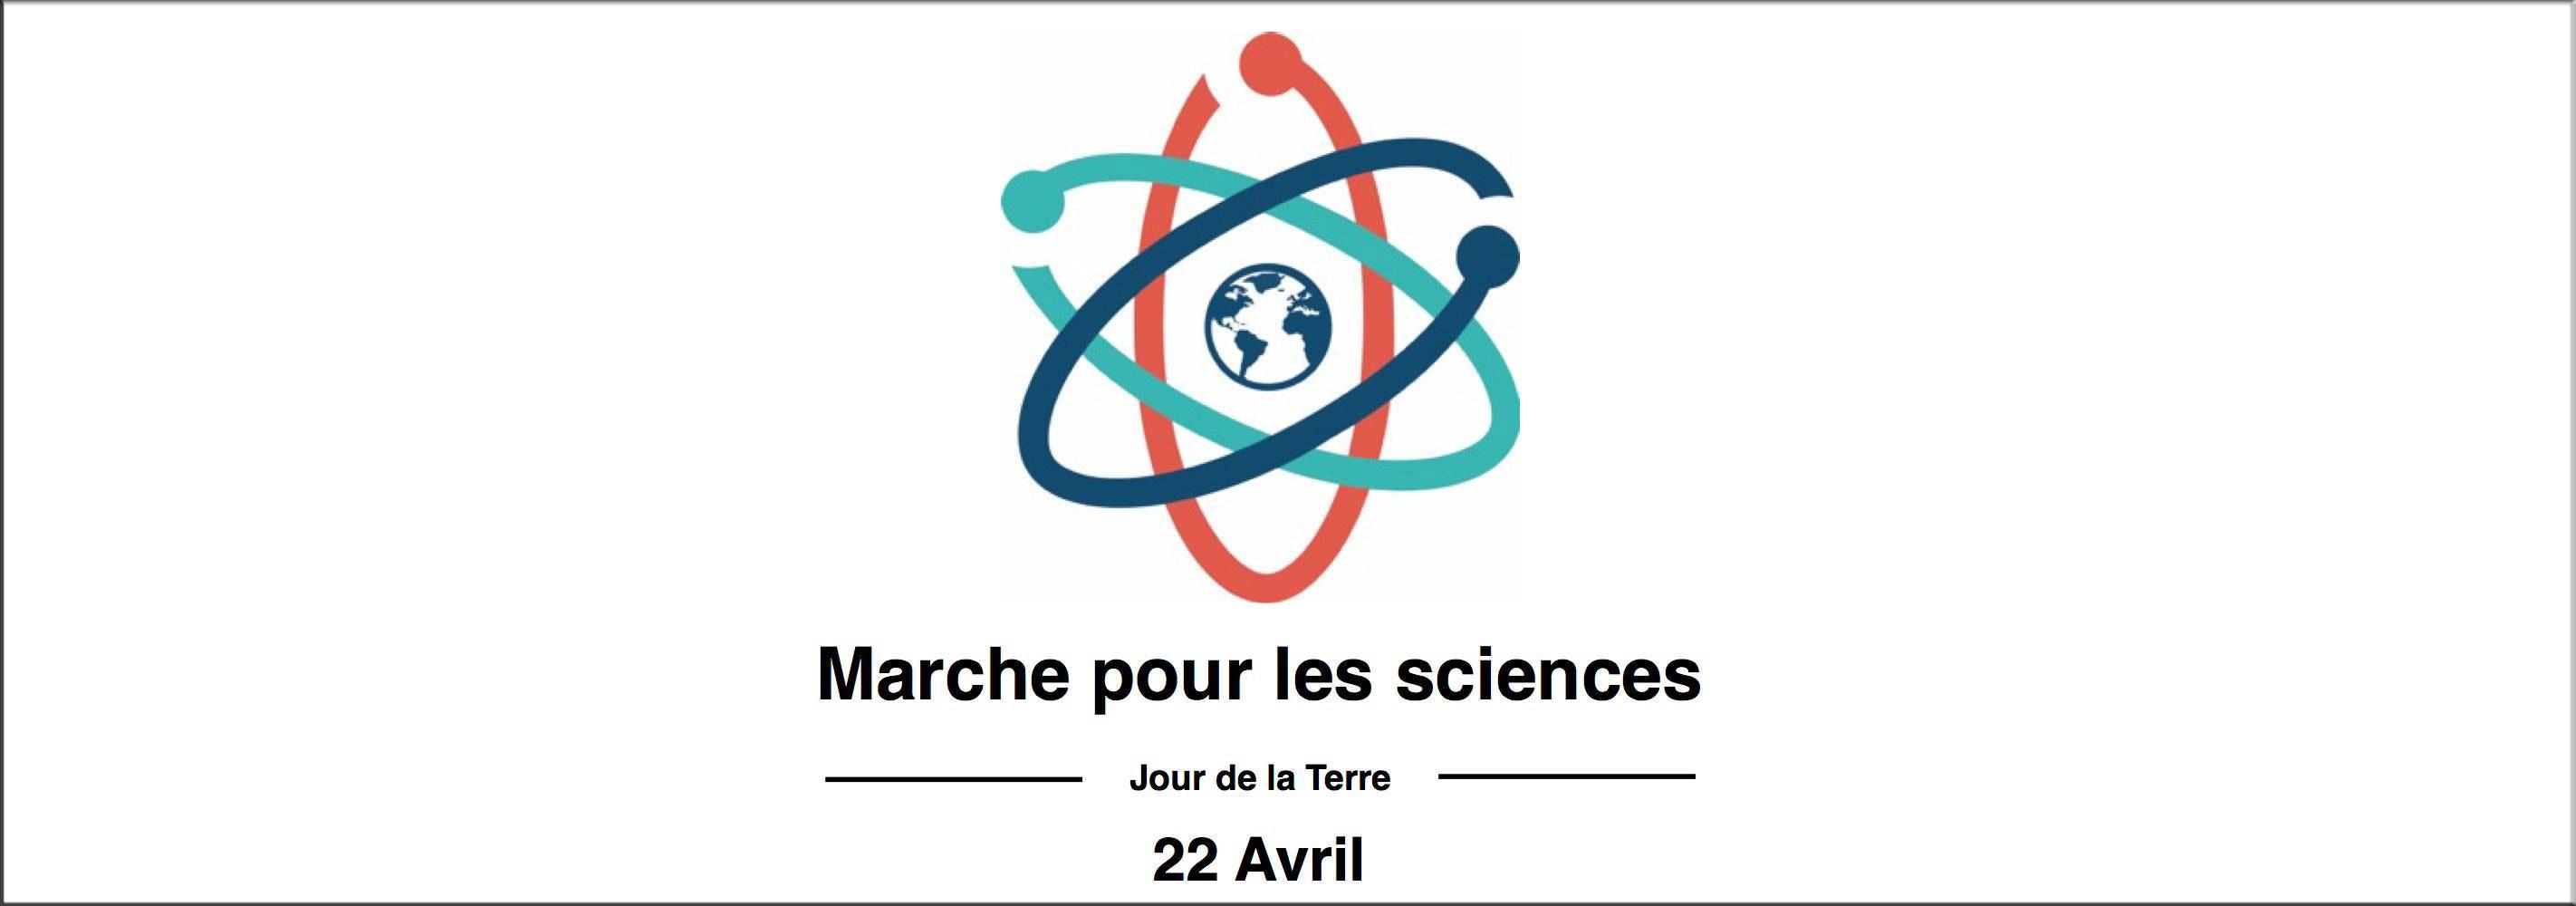 Marche-pour-la-science.jpg